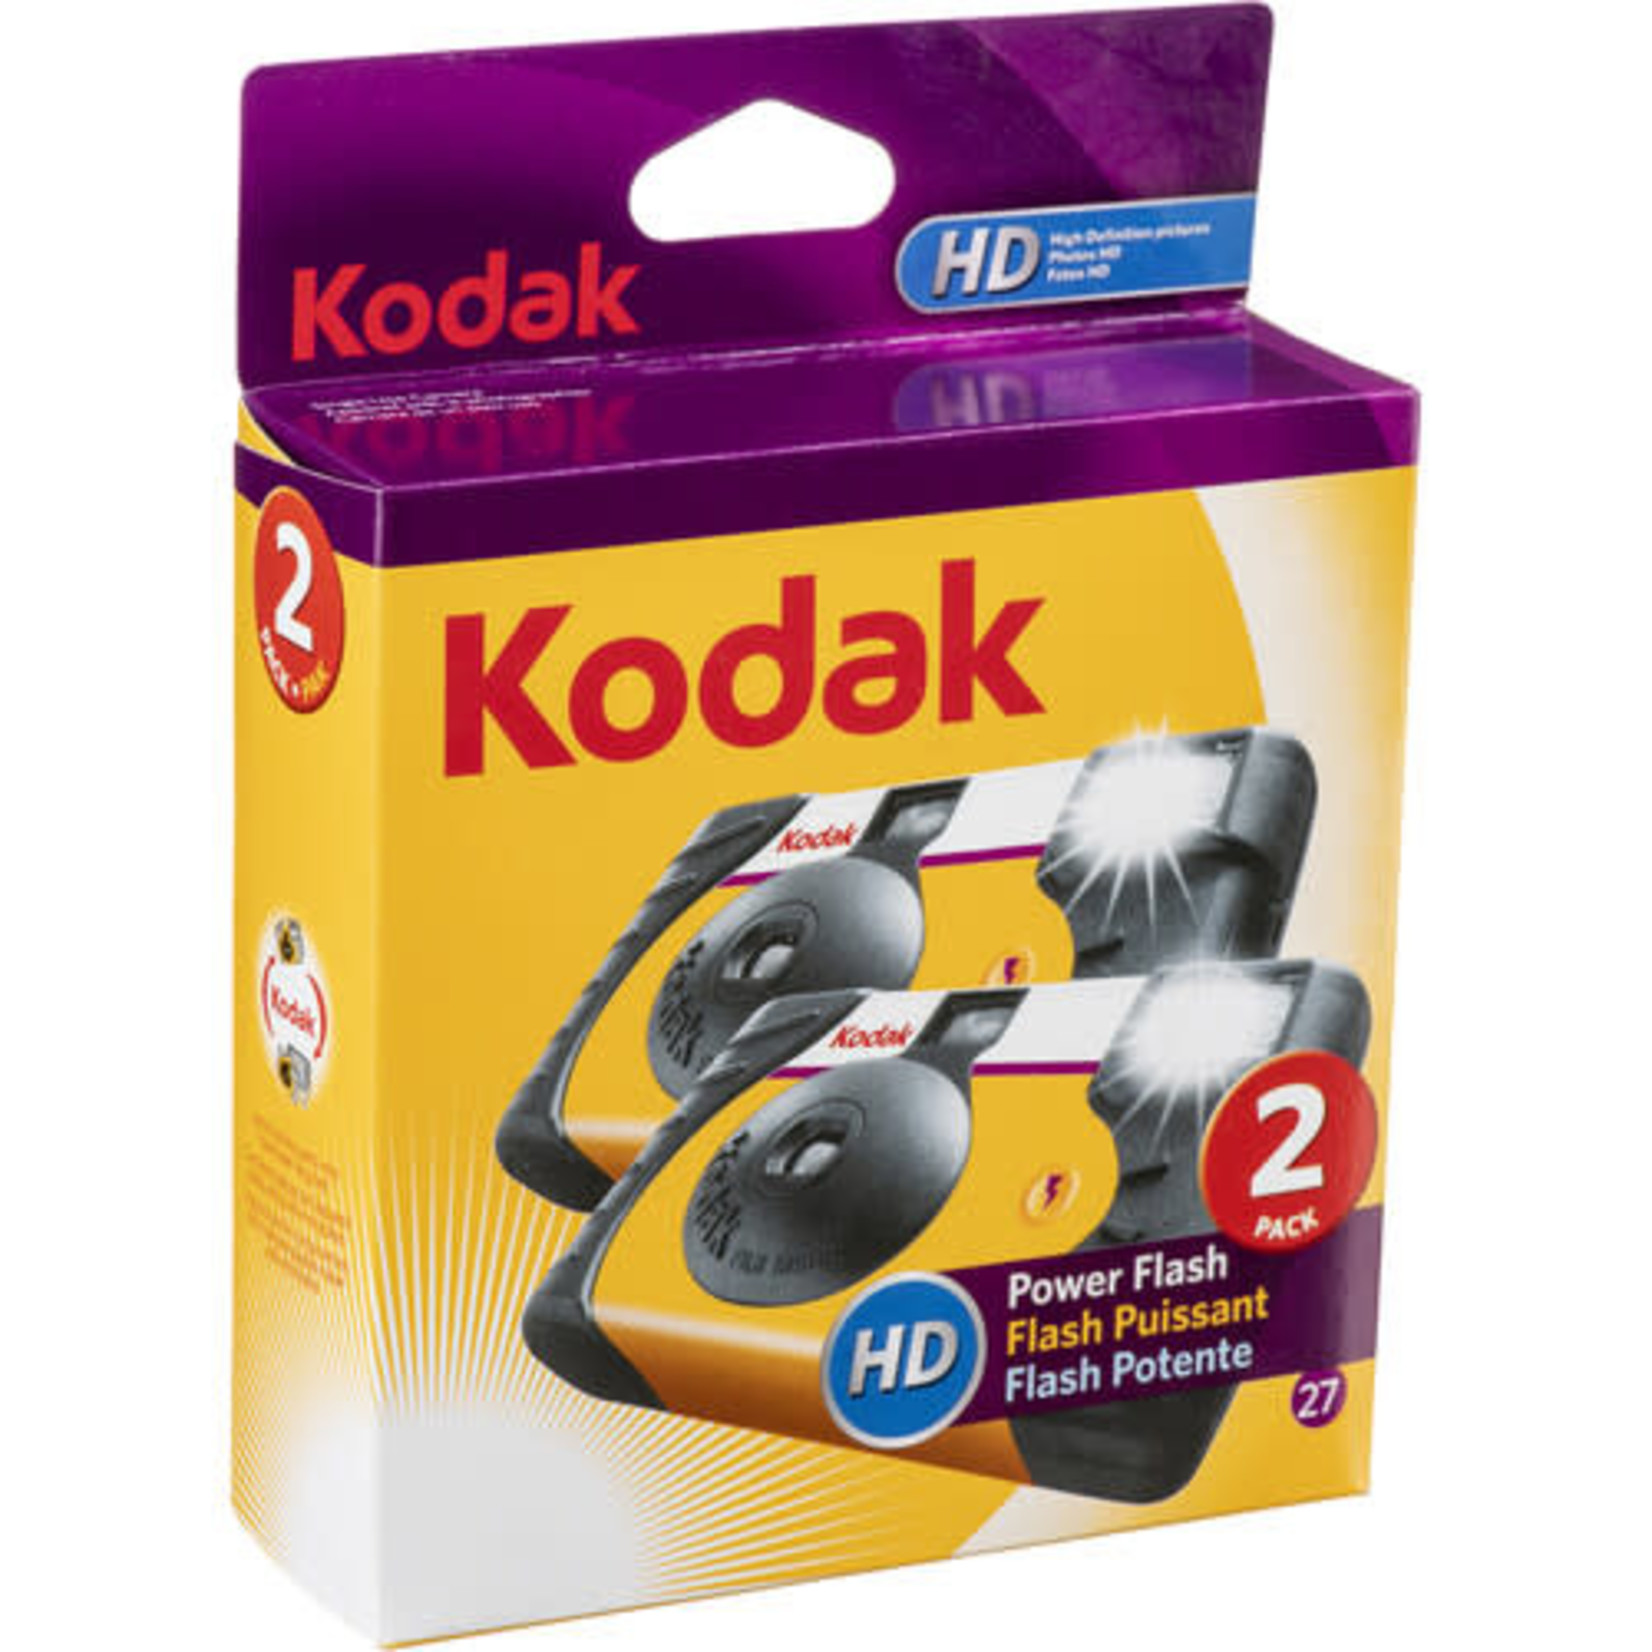 Kodak Kodak Power Flash Single-Use Camera (27 Exposures, 2-Pack)